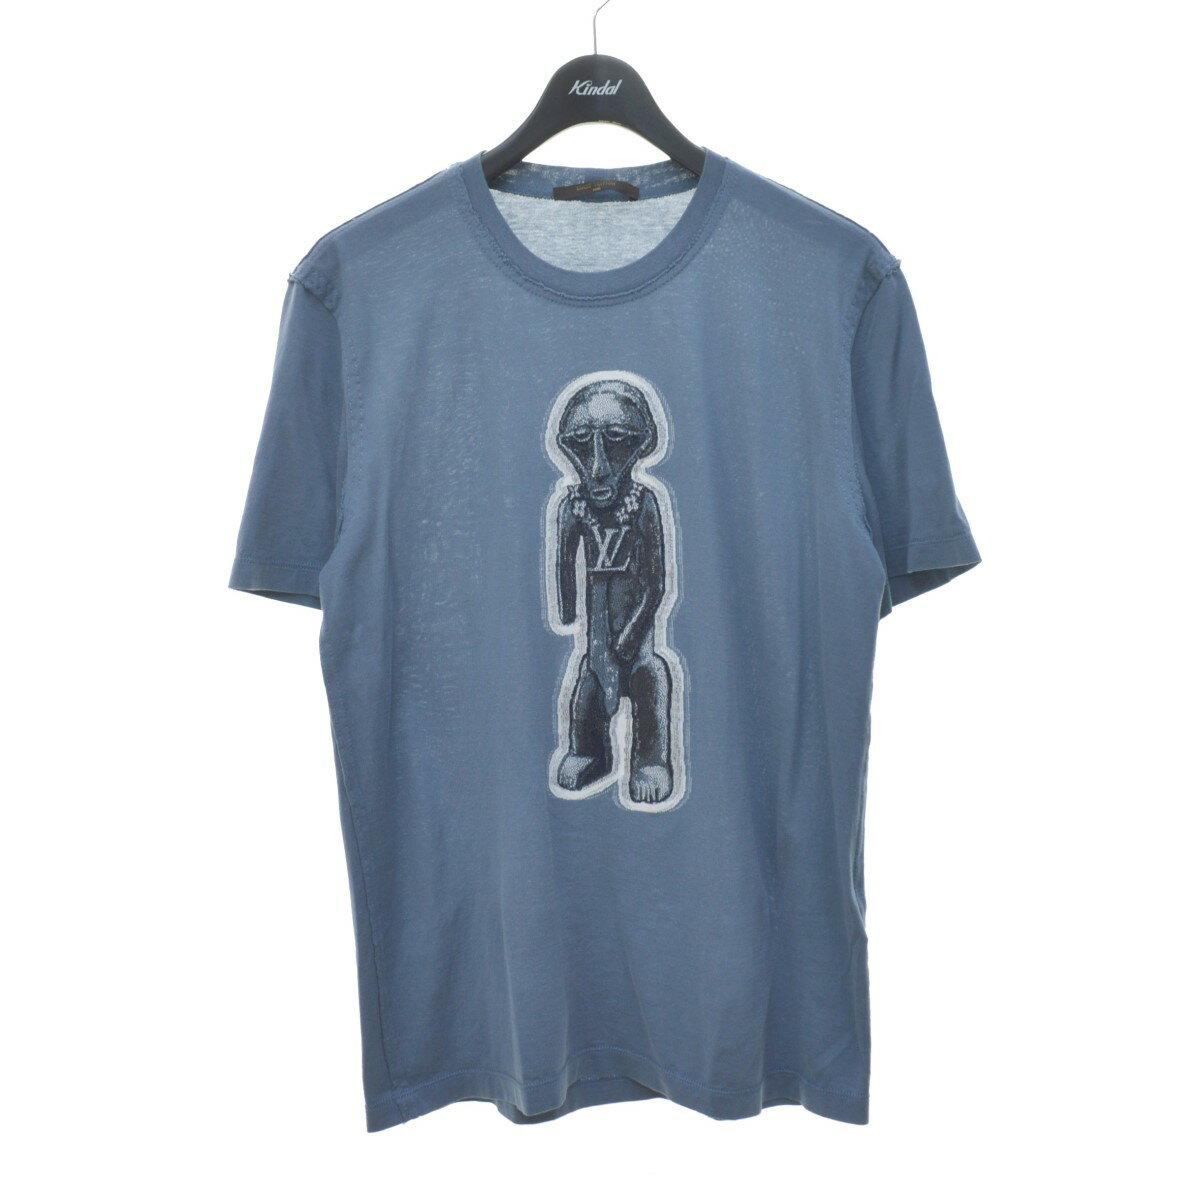 トップス, Tシャツ・カットソー LOUIS VUITTON T L 230721